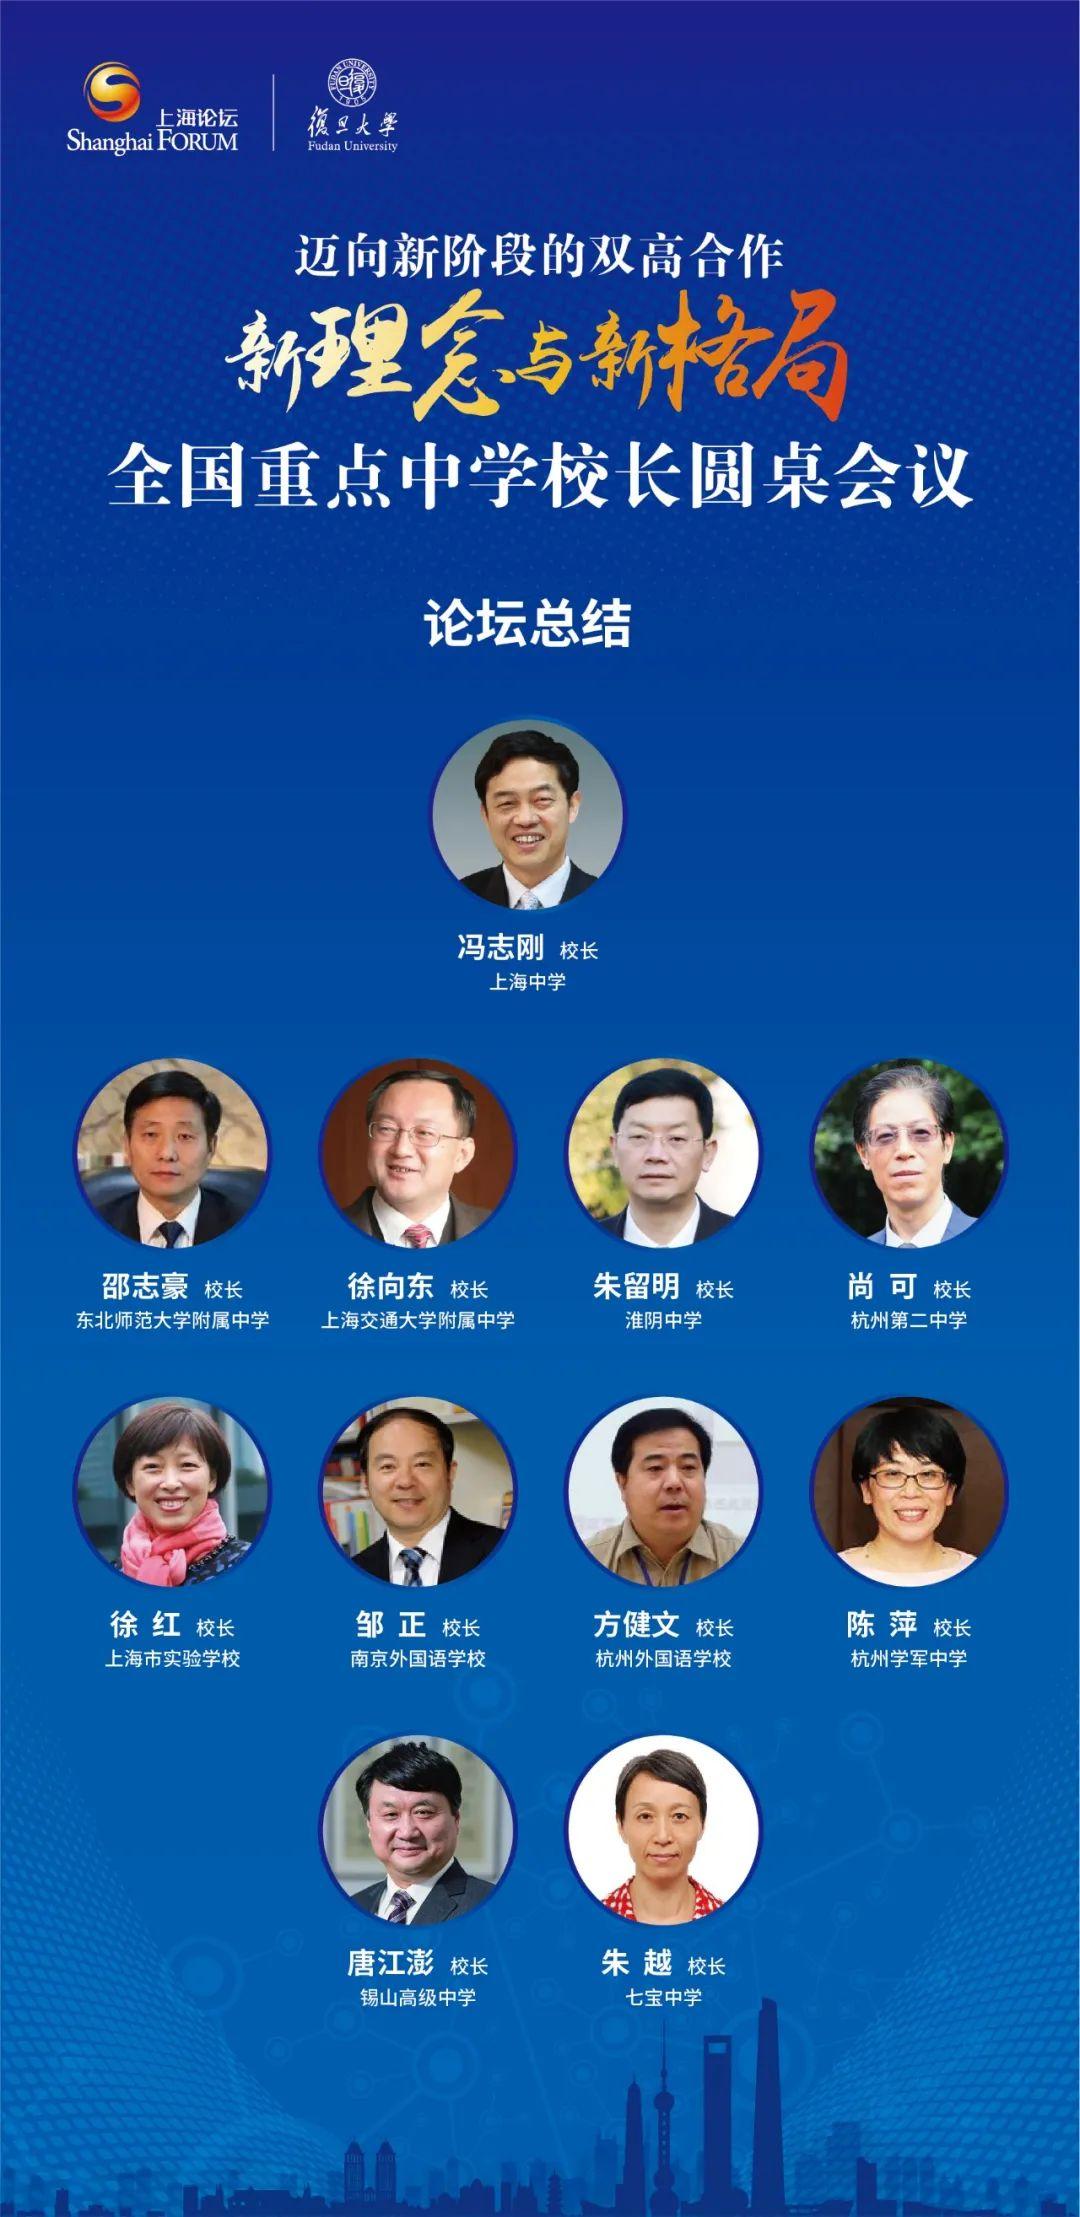 上海论坛·全国重点中学校长圆桌会议召开在即!